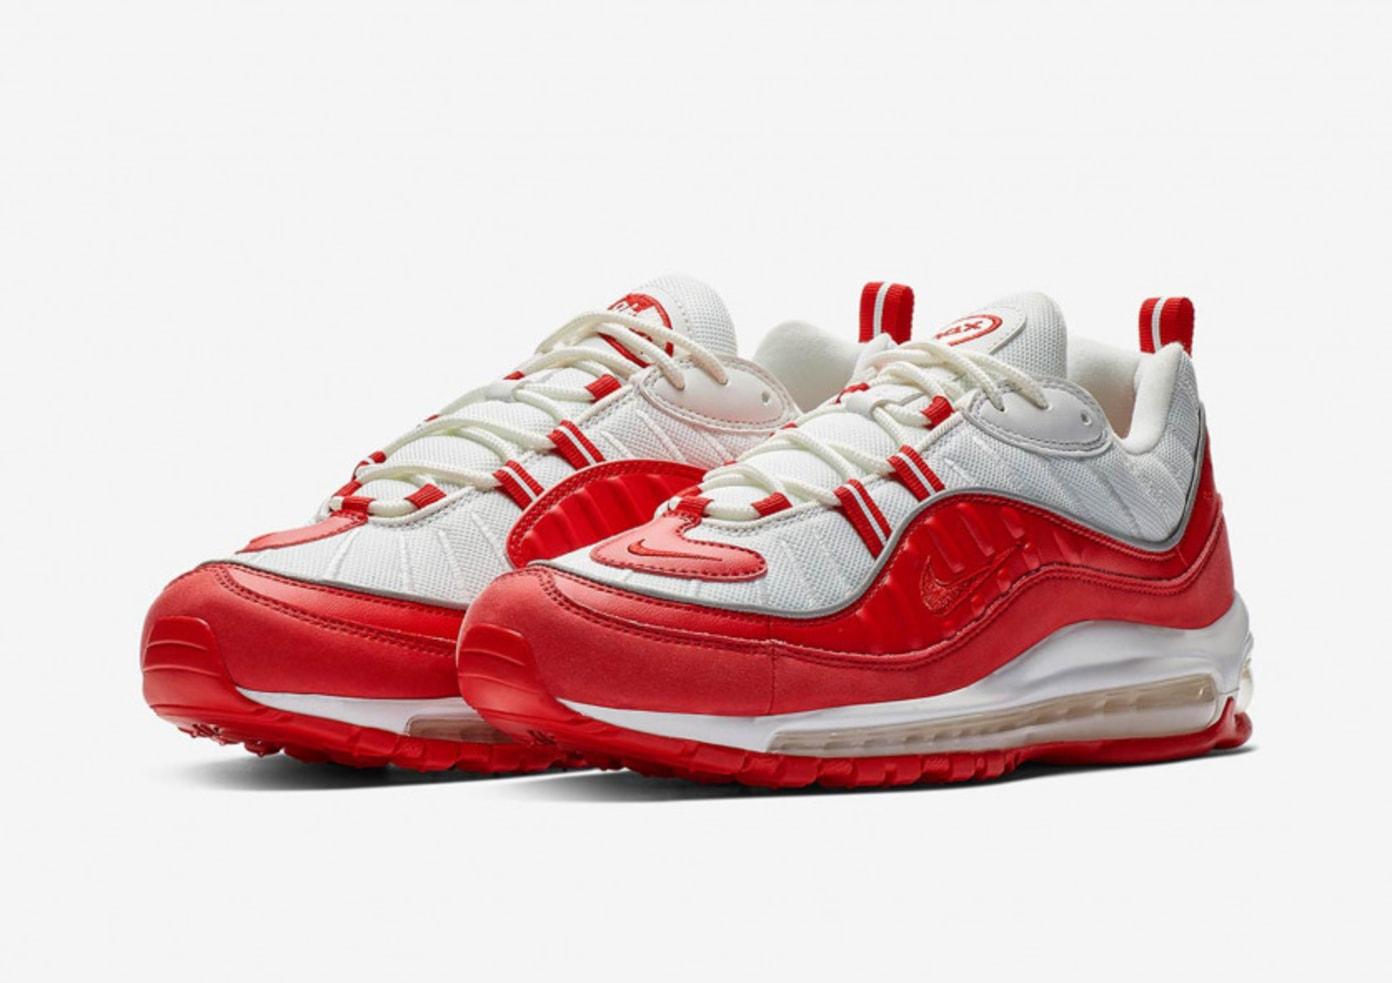 Nike Air Max 98 - University Red